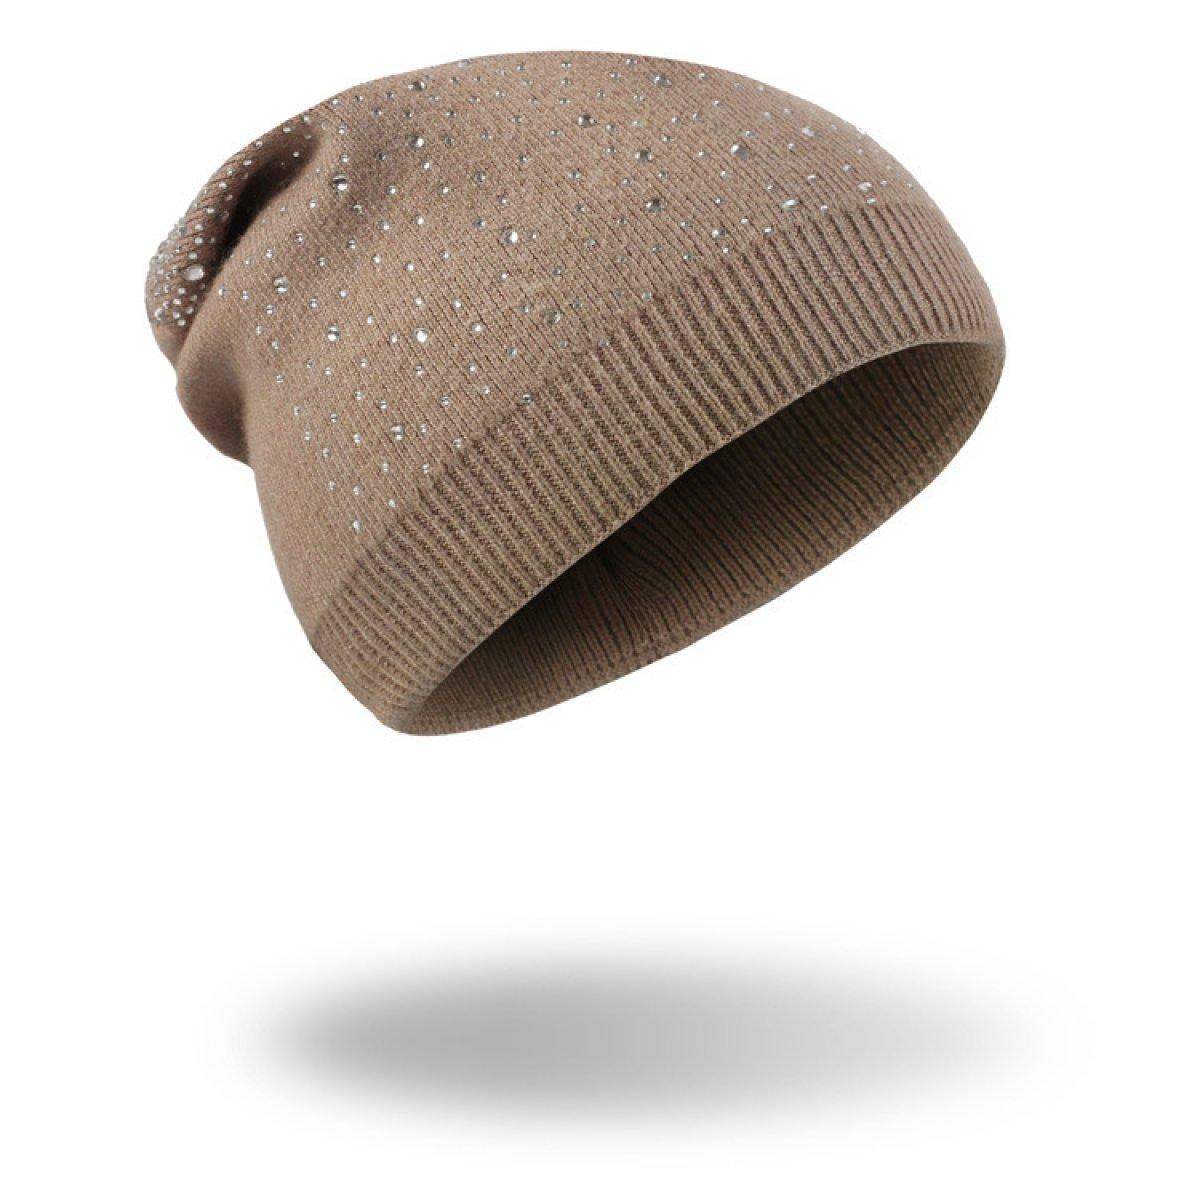 HAOYUXIANG Pelliccia Creativa Del Coniglio Di Autunno Ed Inverno Di Modo Con Il Cappello A Maglia,Brown